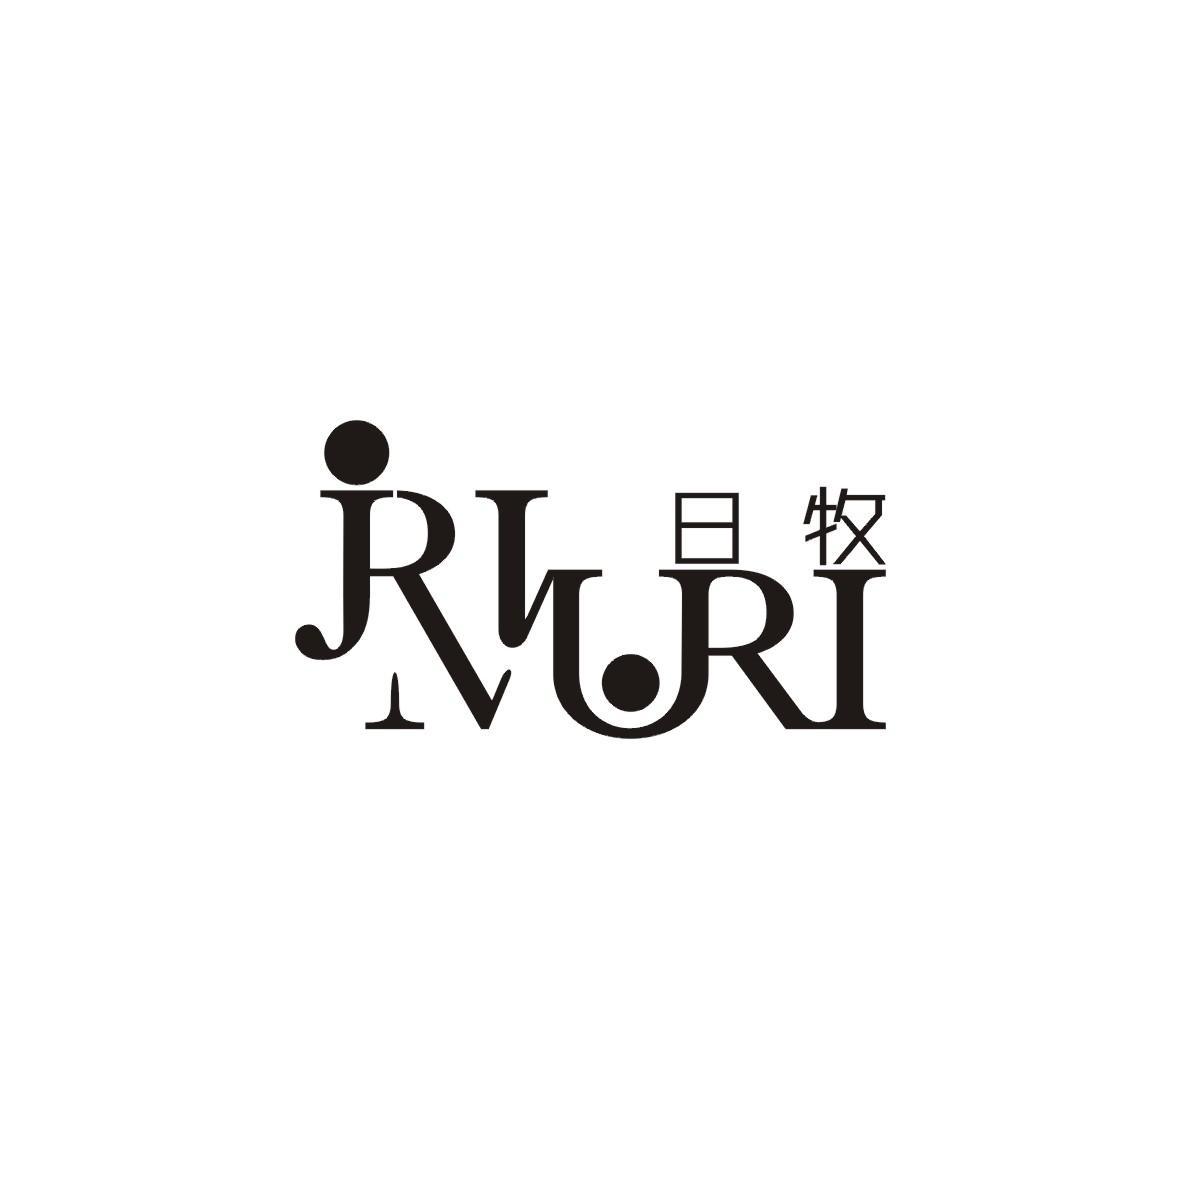 日牧 JRVIMURI商标转让